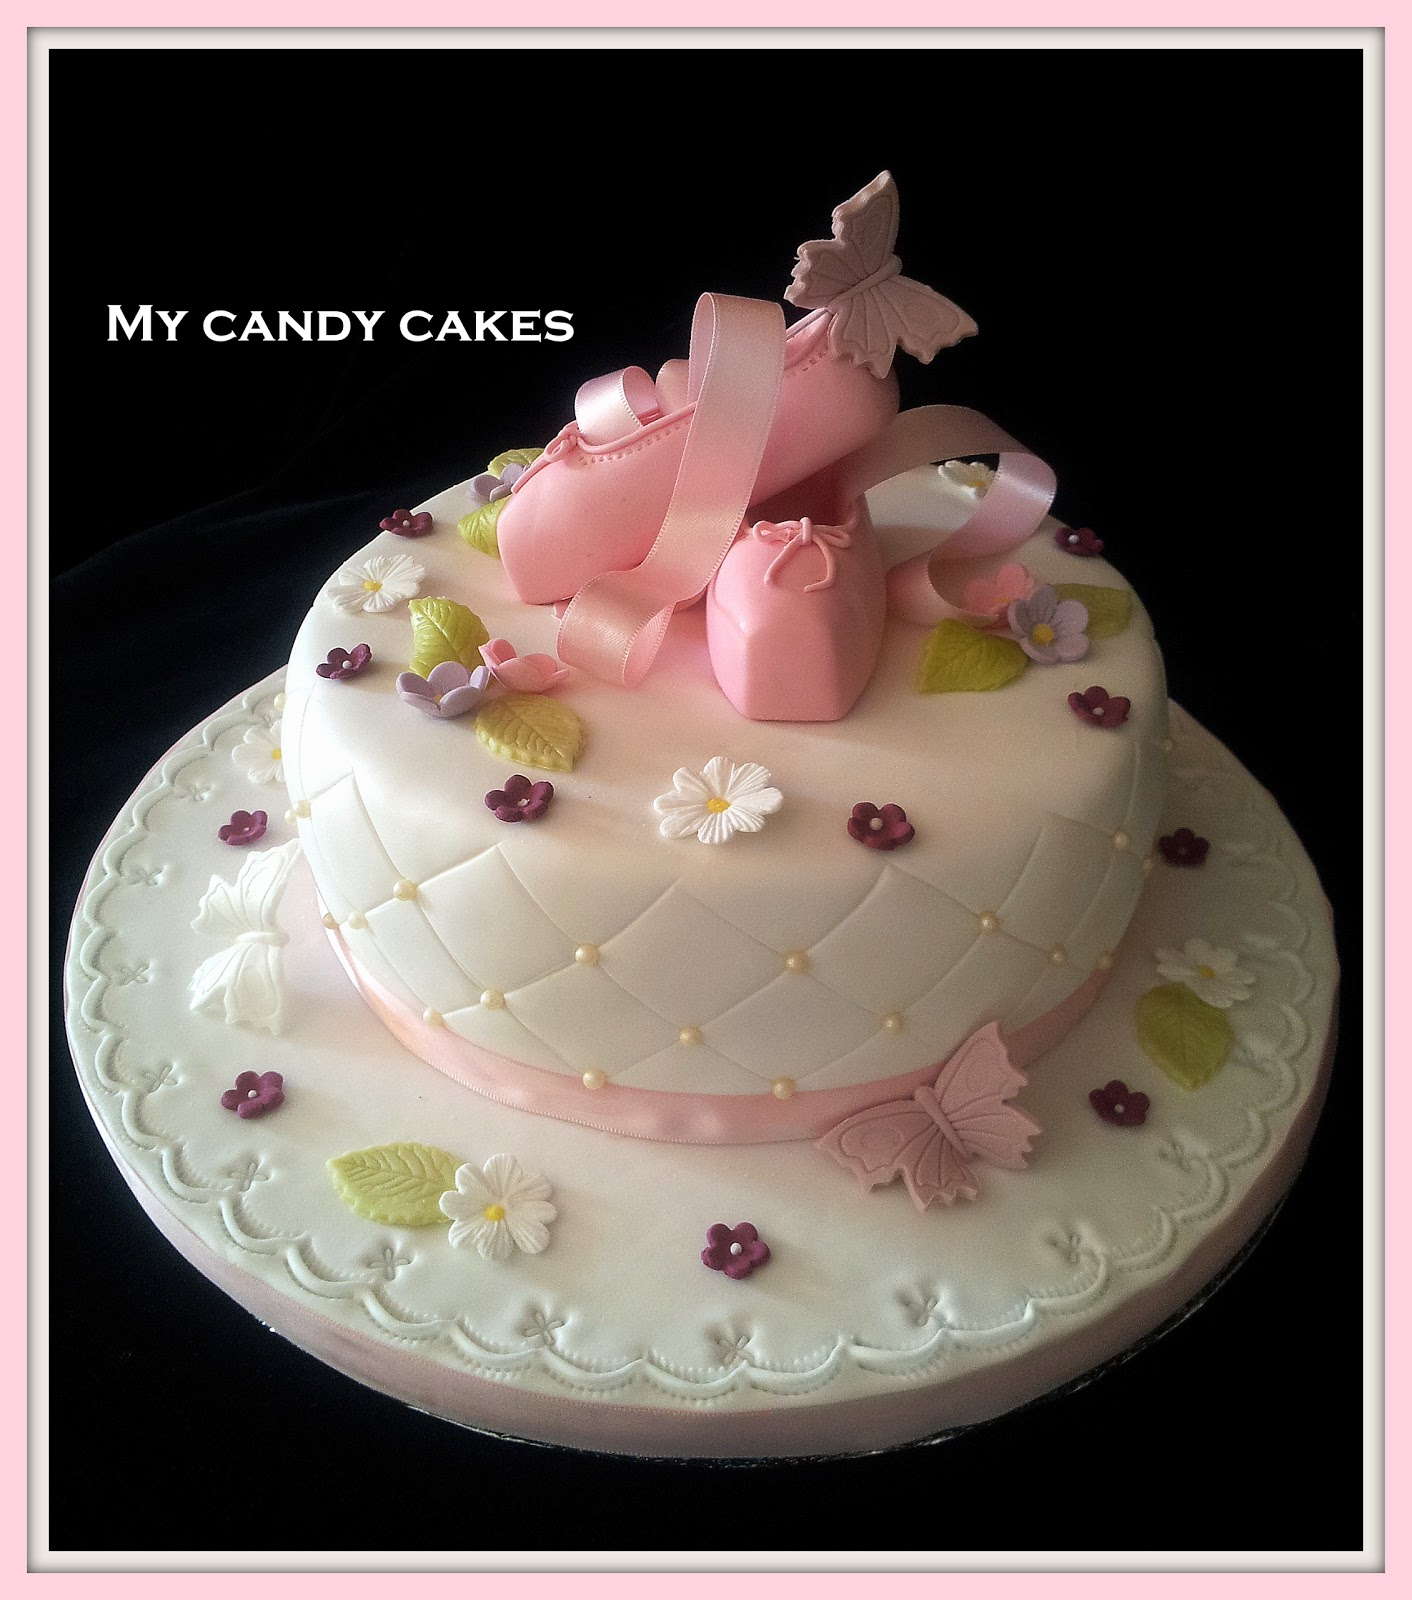 Torte Cake Design Per Bambini Immagini : Torta Cars Torte Compleanno Per Bambini Foto Gallery ...